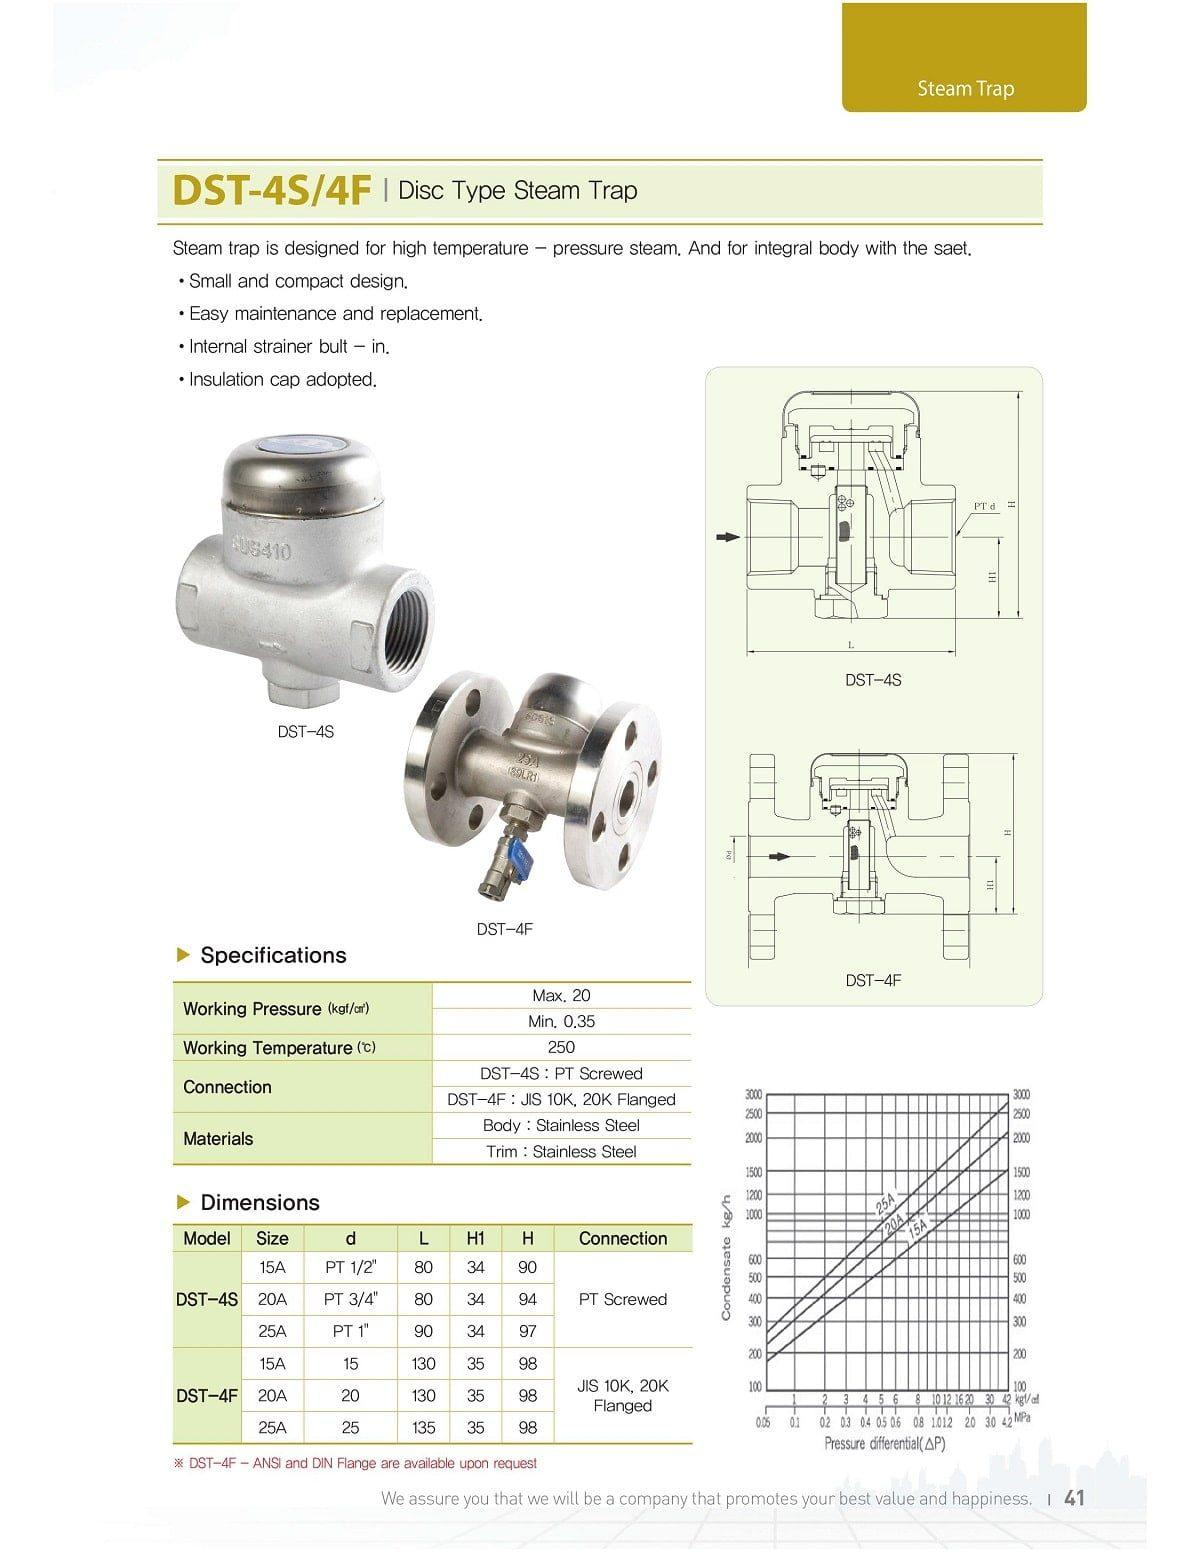 Cataloge sản phẩm bẫy hơi inox YNV: DST-4S và DST-4F